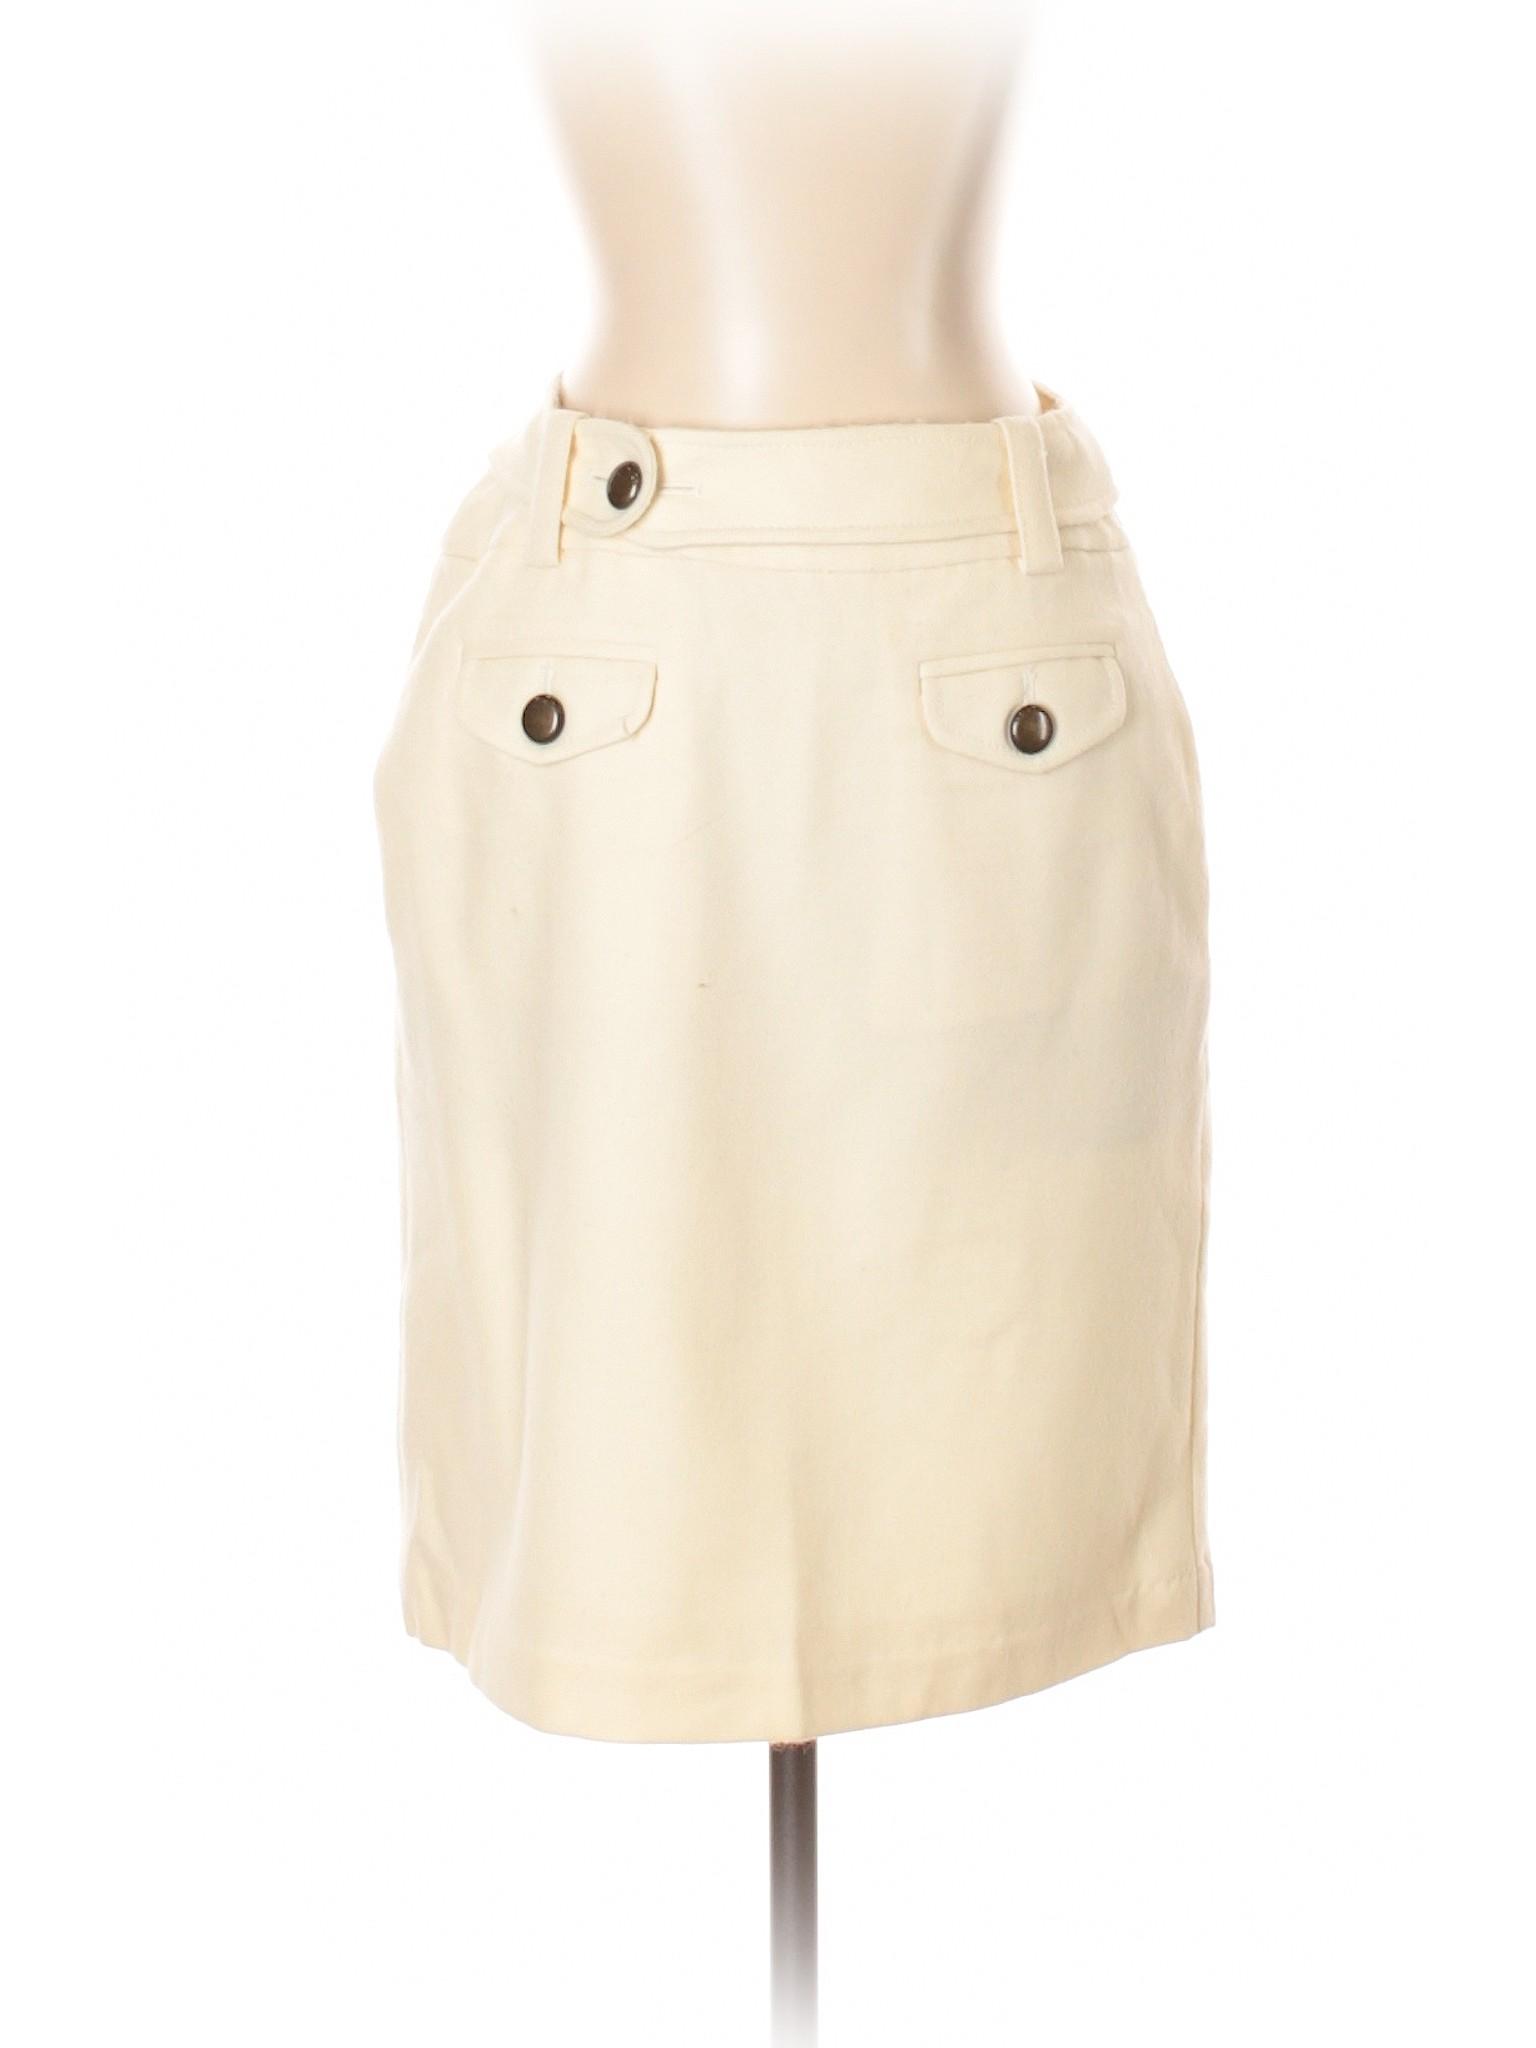 Wool Boutique Boutique Boutique Skirt Skirt Skirt Wool Skirt Boutique Boutique Wool Skirt Wool Wool Boutique Hwp1XqAnx